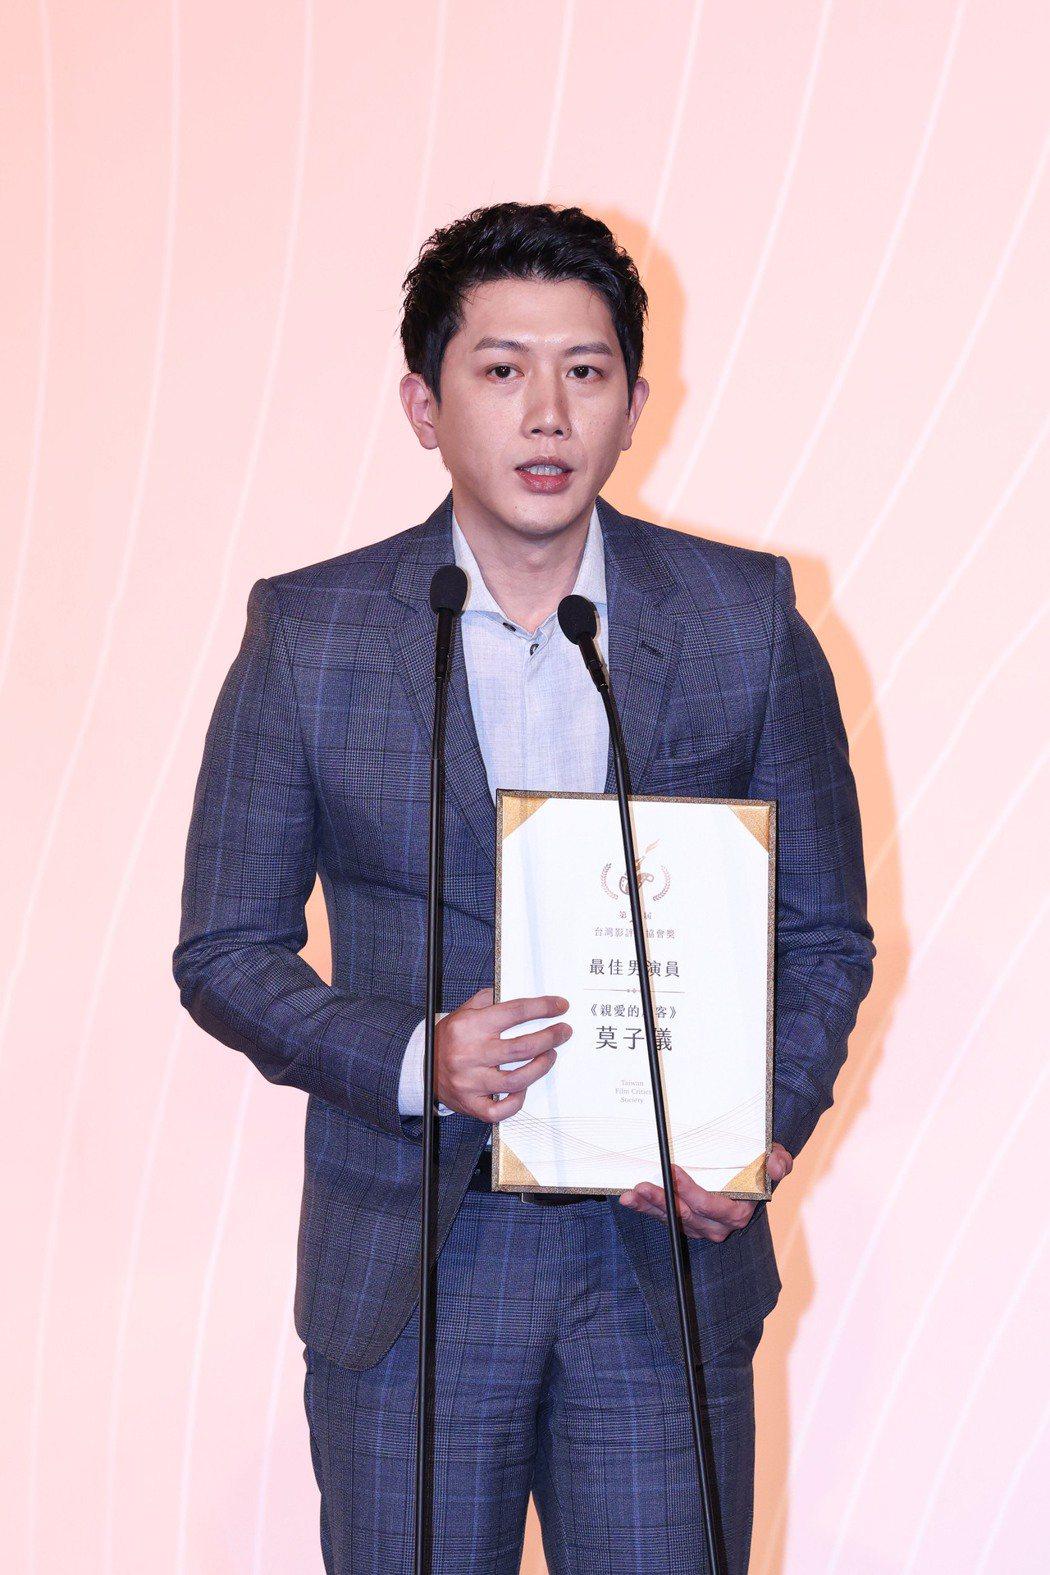 莫子儀獲台灣影評人協會年度最佳男演員,他笑說想與陳淑芳再度合作。記者李政龍攝